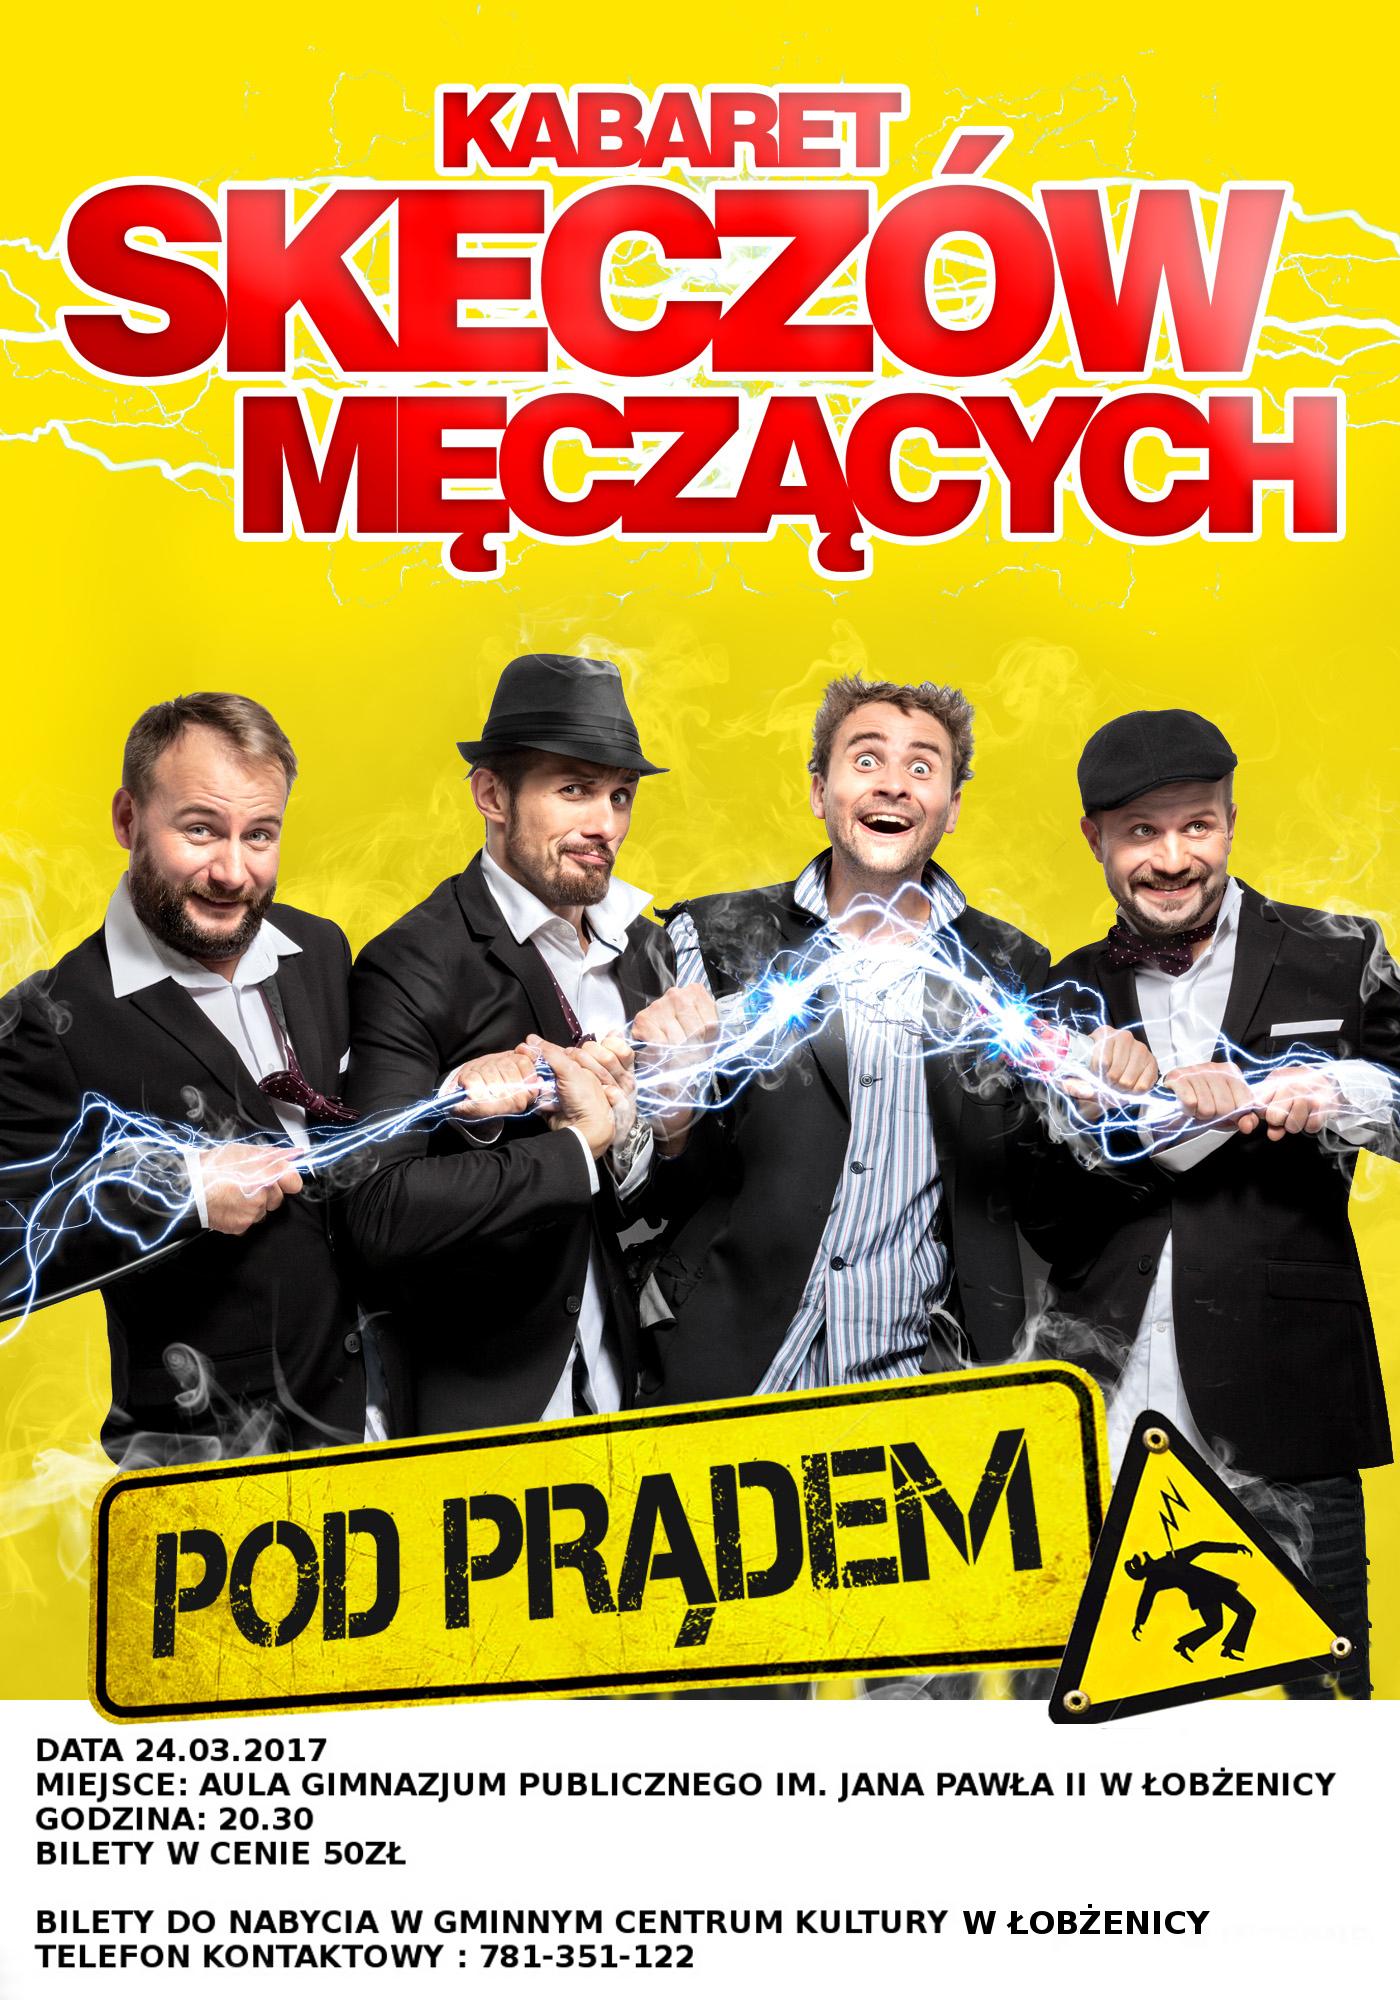 - kabaret_skeczow_meczacych.jpg